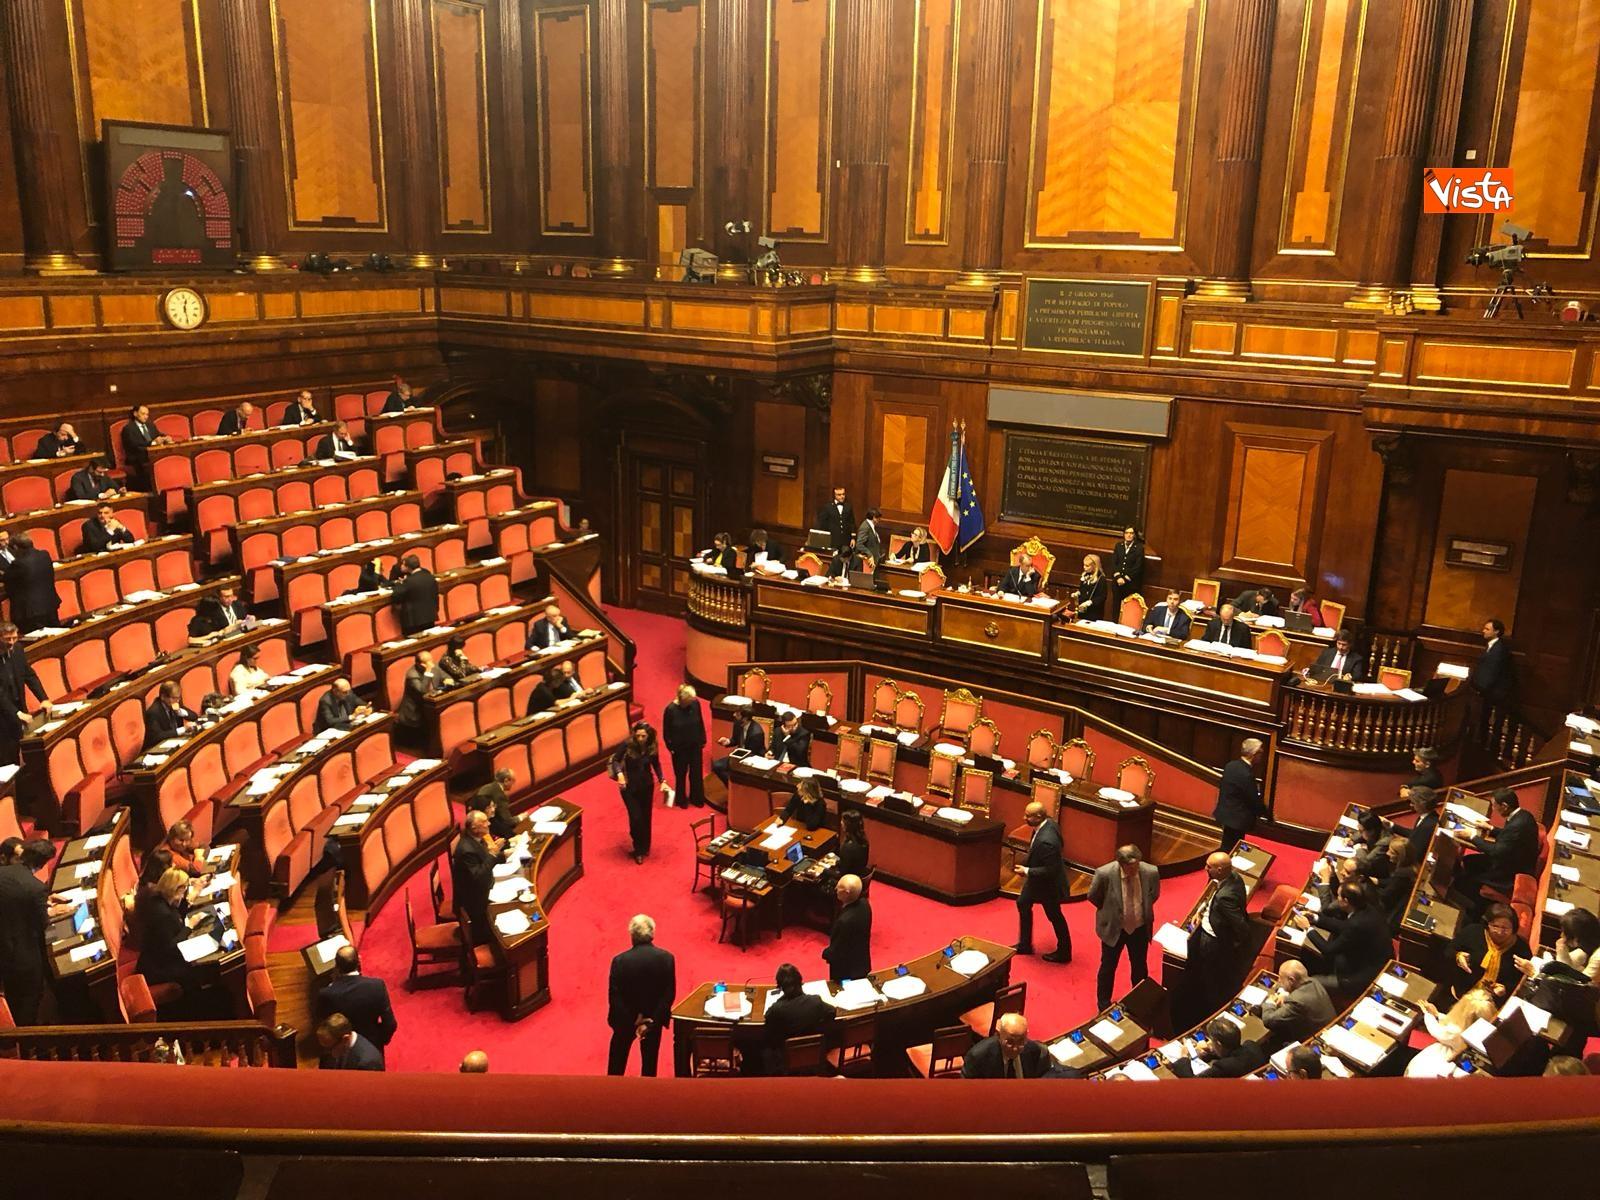 L'aula del Senato_05